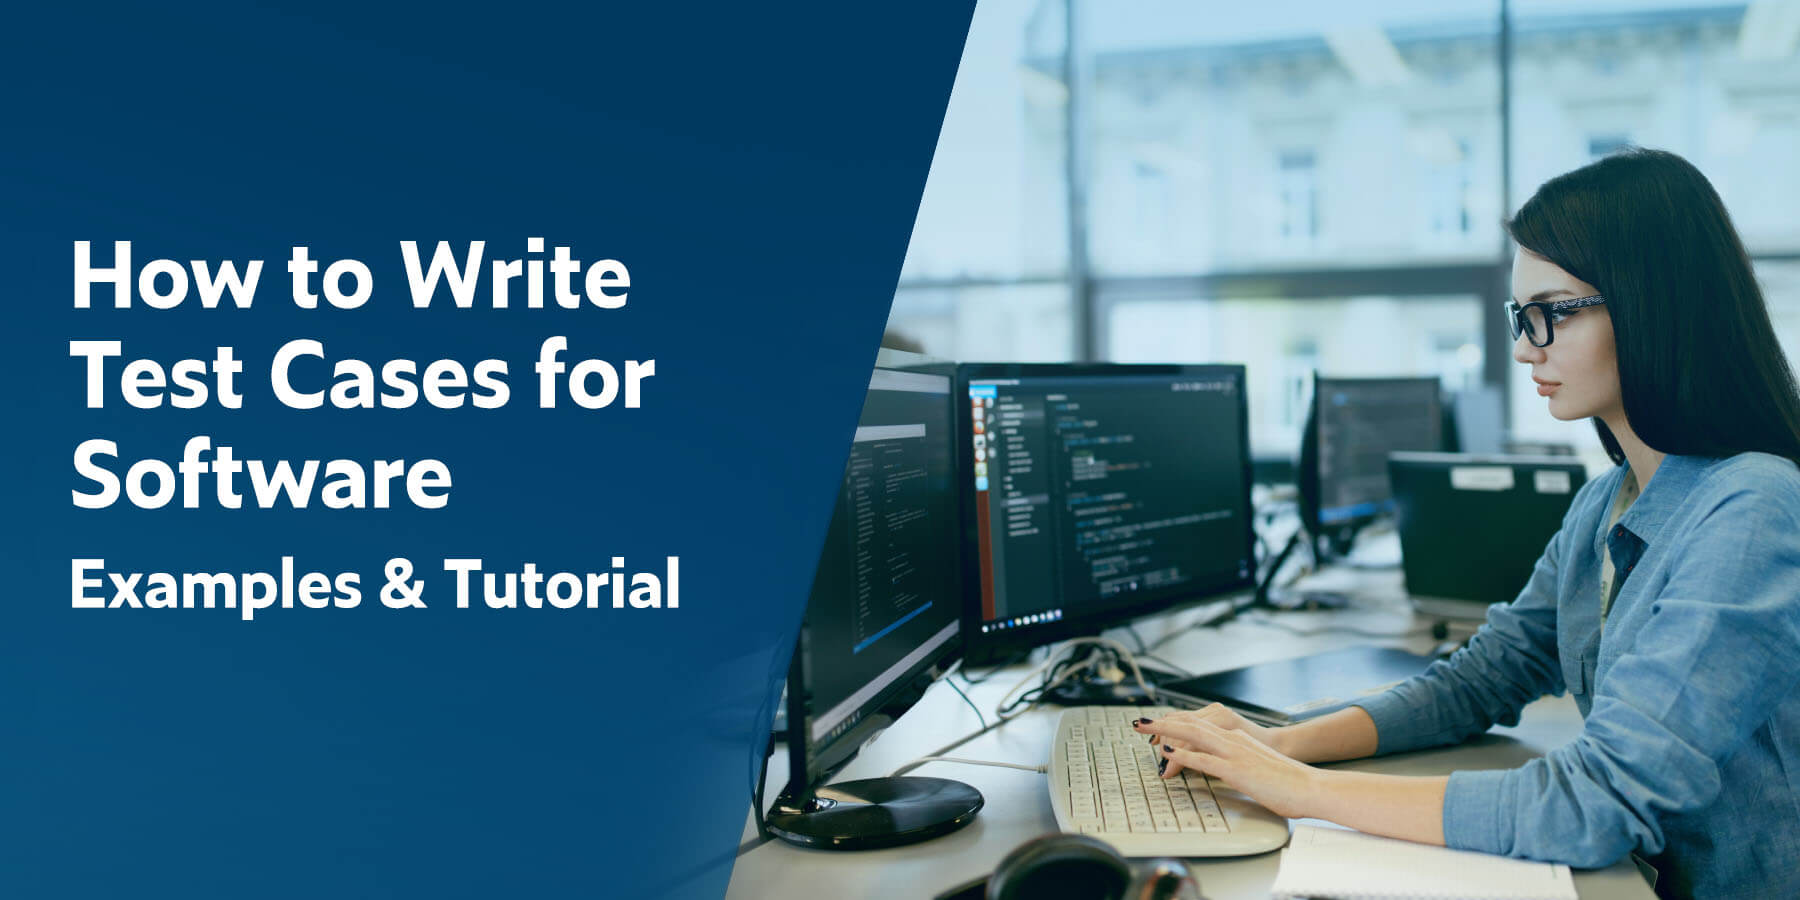 Cómo escribir casos de prueba para software: ejemplos y tutorial